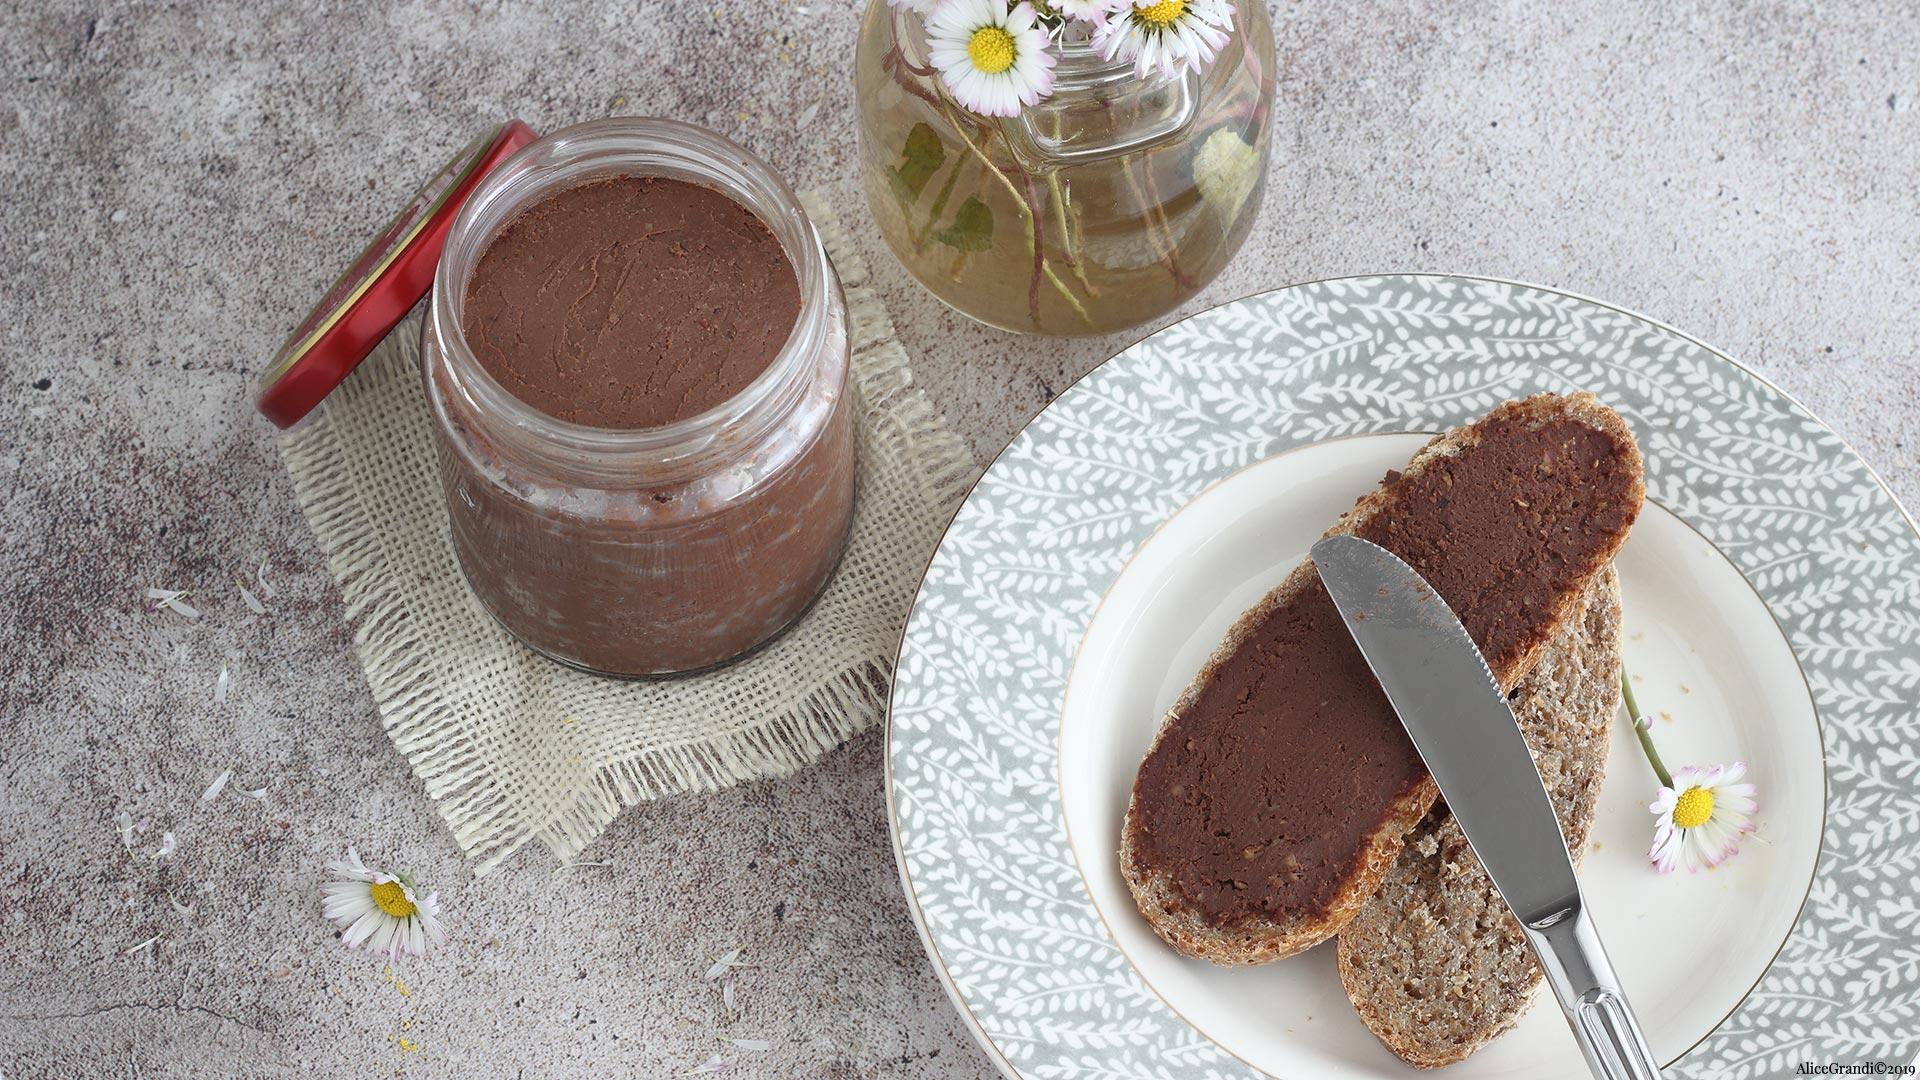 Ricetta Nutella Senza Nocciole.Nutella Proteica Senza Latte Nutella Fatta In Casa Vegan E Salutare Ricettevegolose